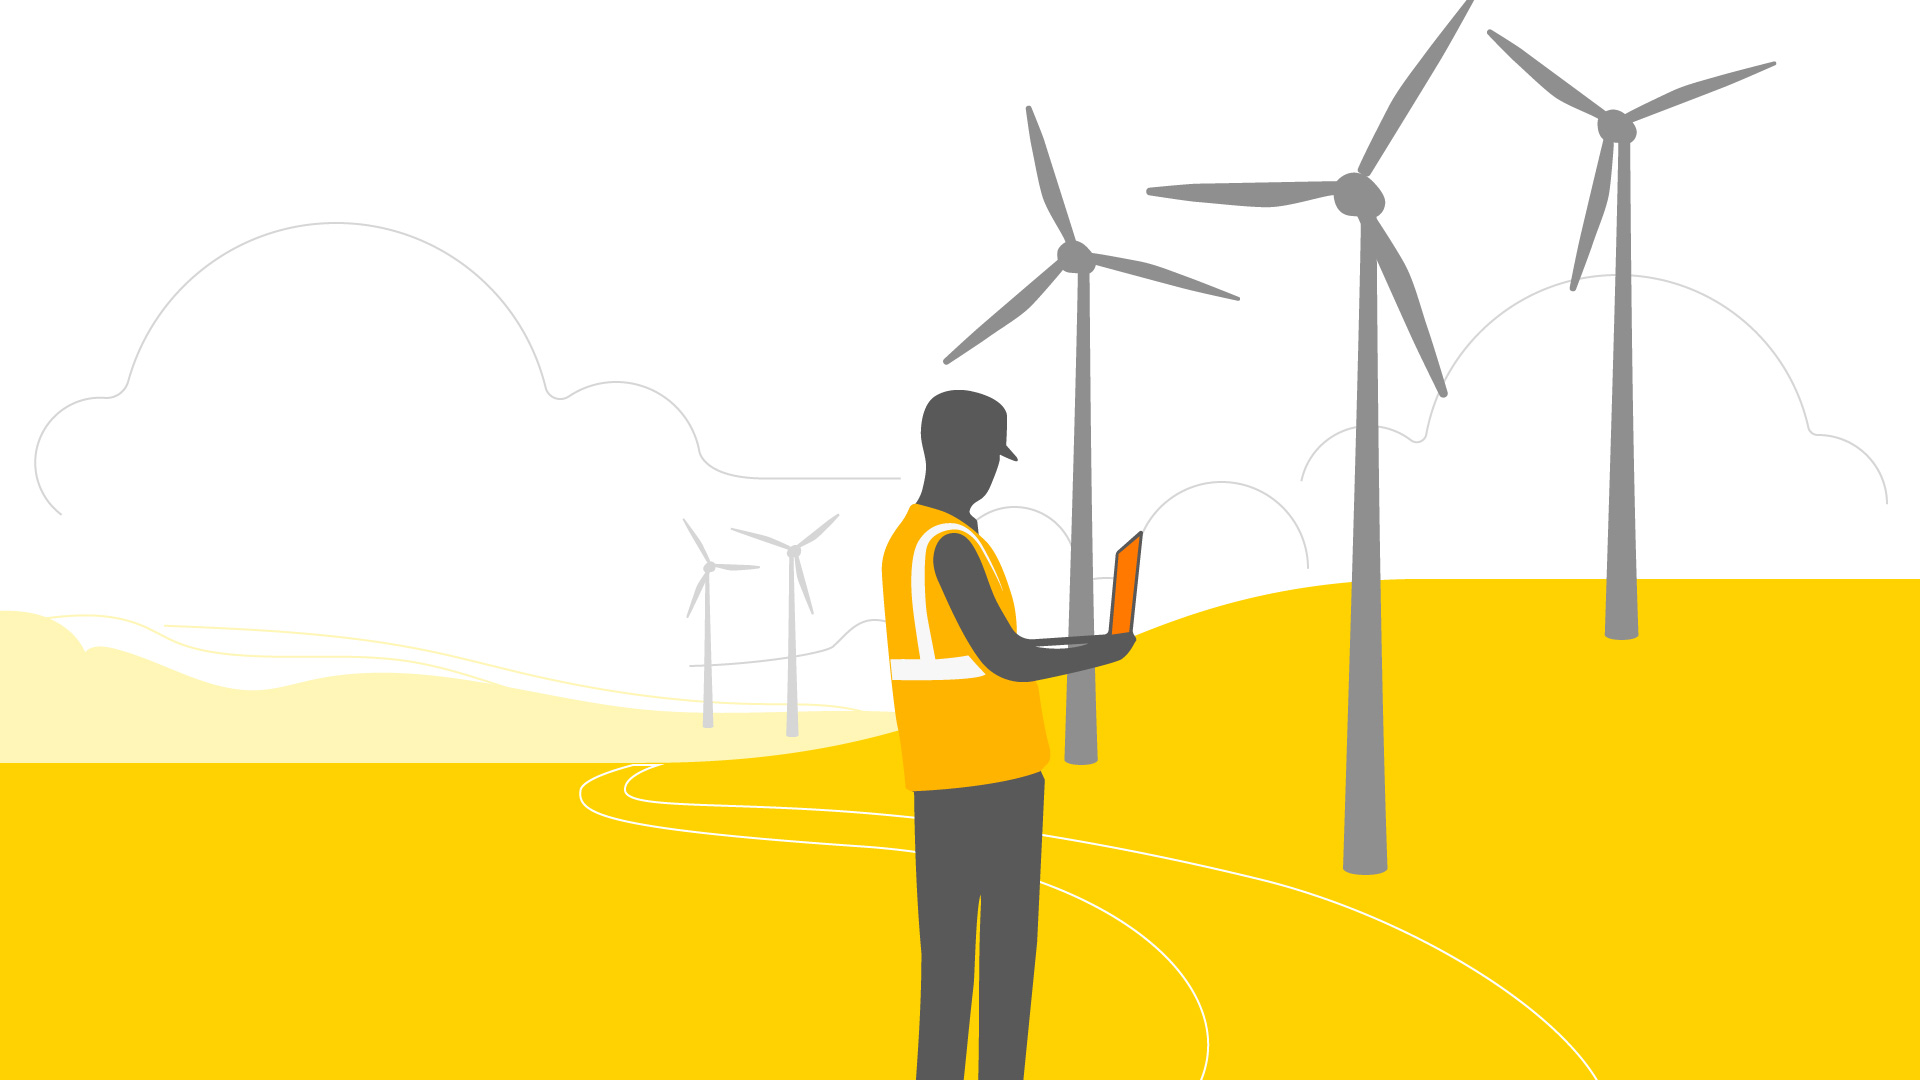 Illustration: Homme devant des éoliennes